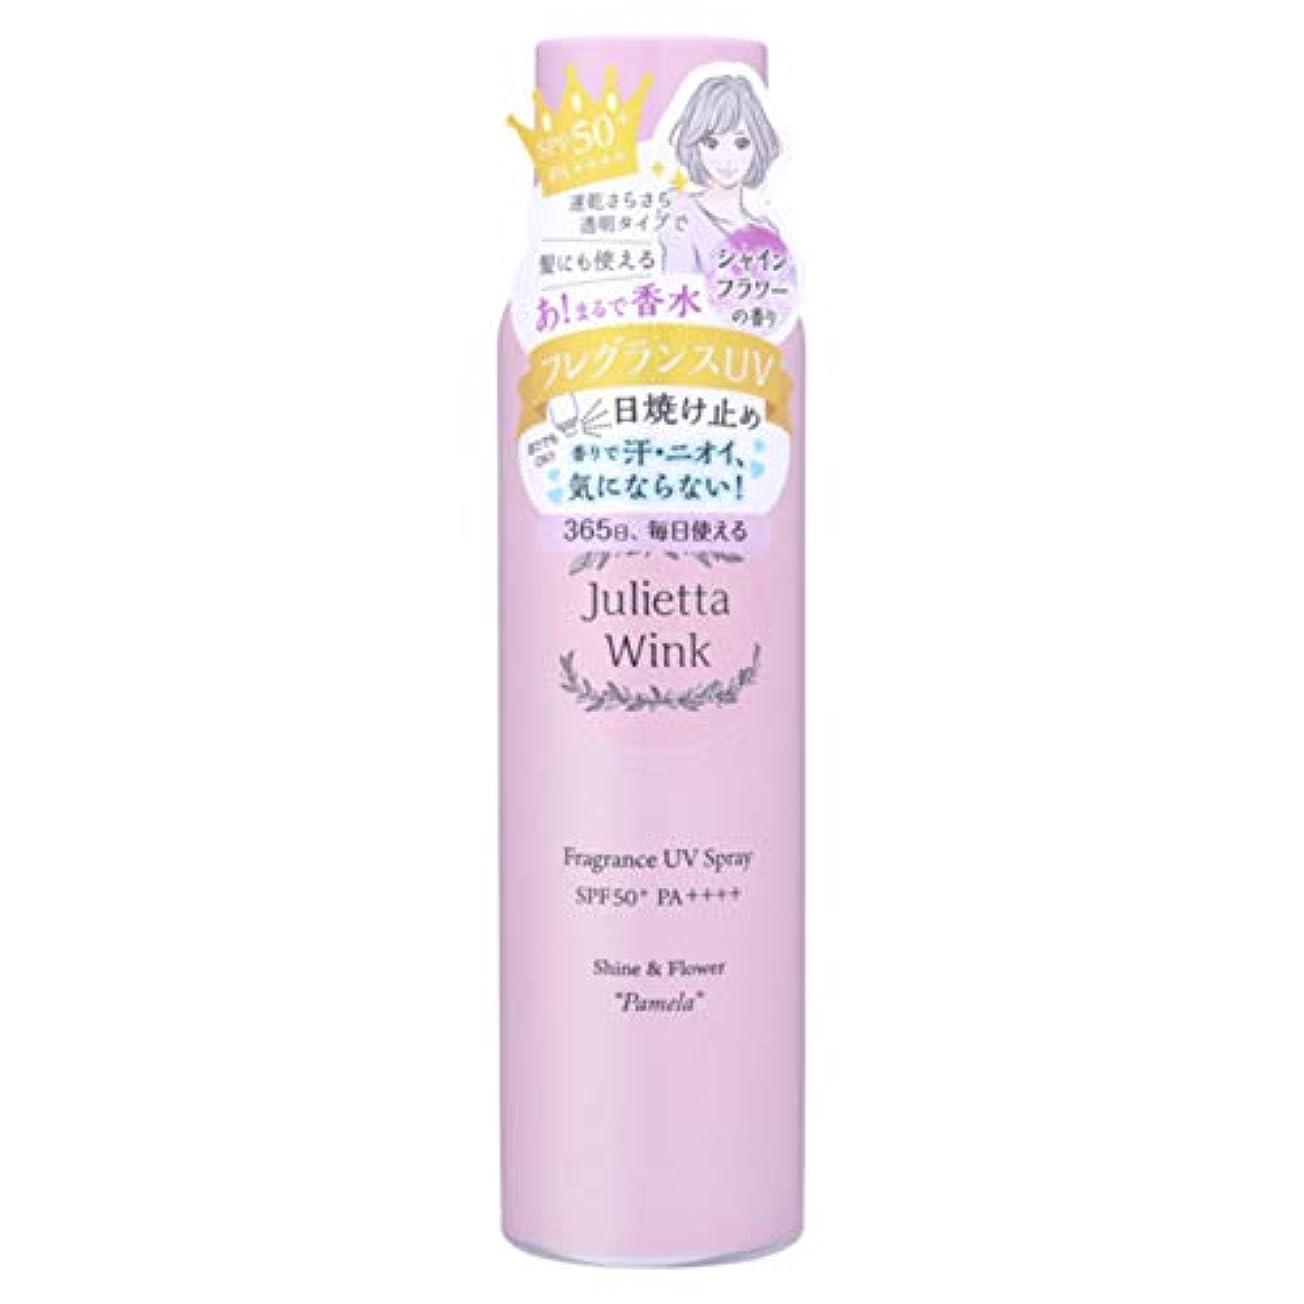 わかる軍トライアスロンジュリエッタウィンク フレグランス UVスプレー[パメラ]100g シャインフラワーの香り(ピンク)